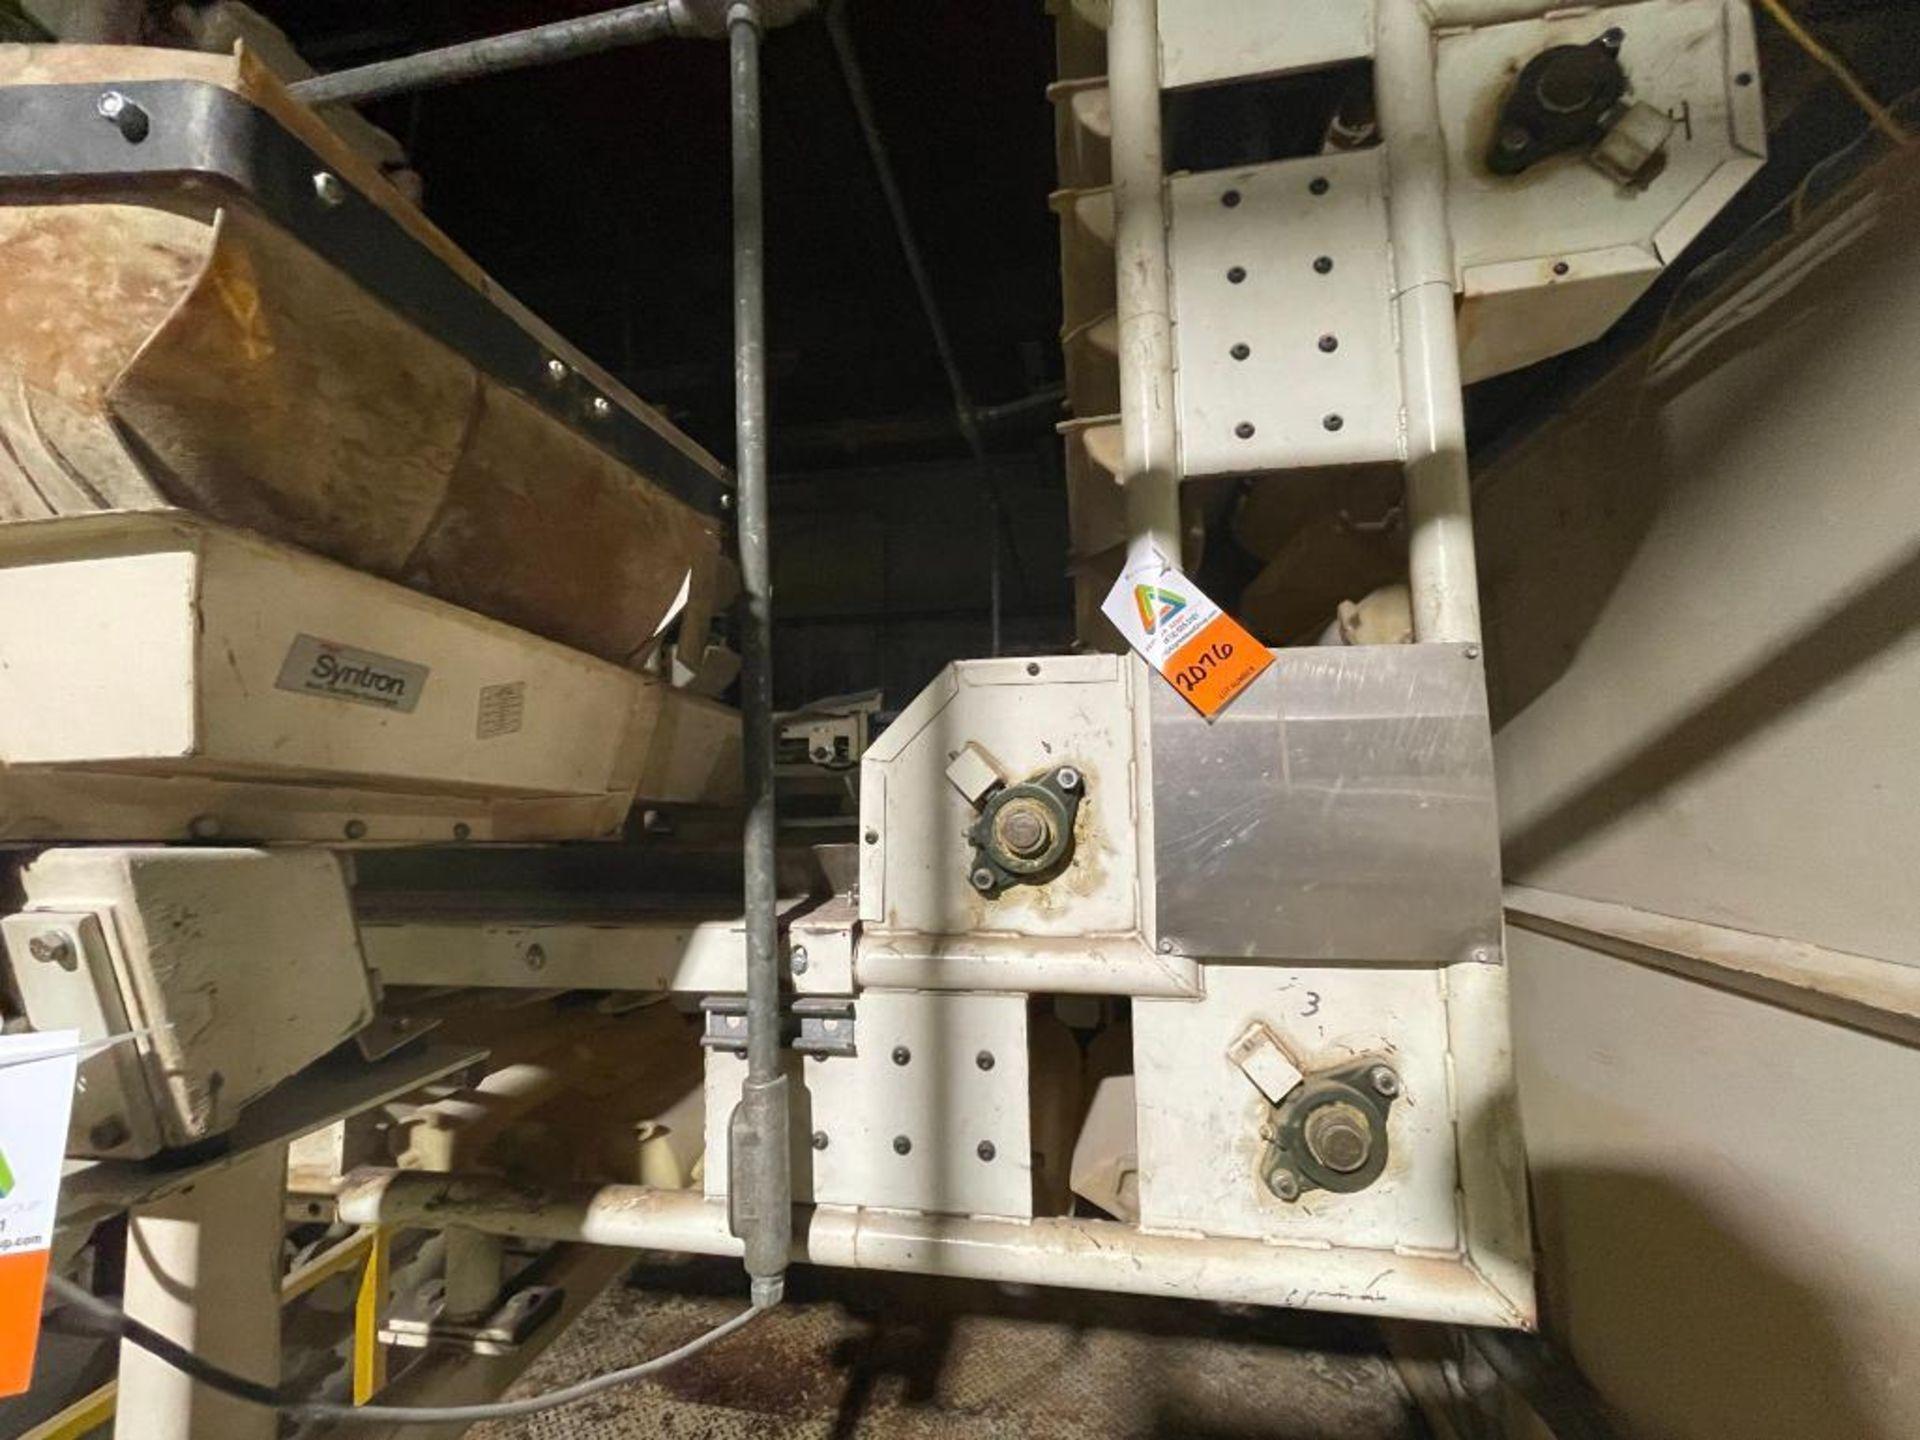 Aseeco horizontal overlapping bucket elevator